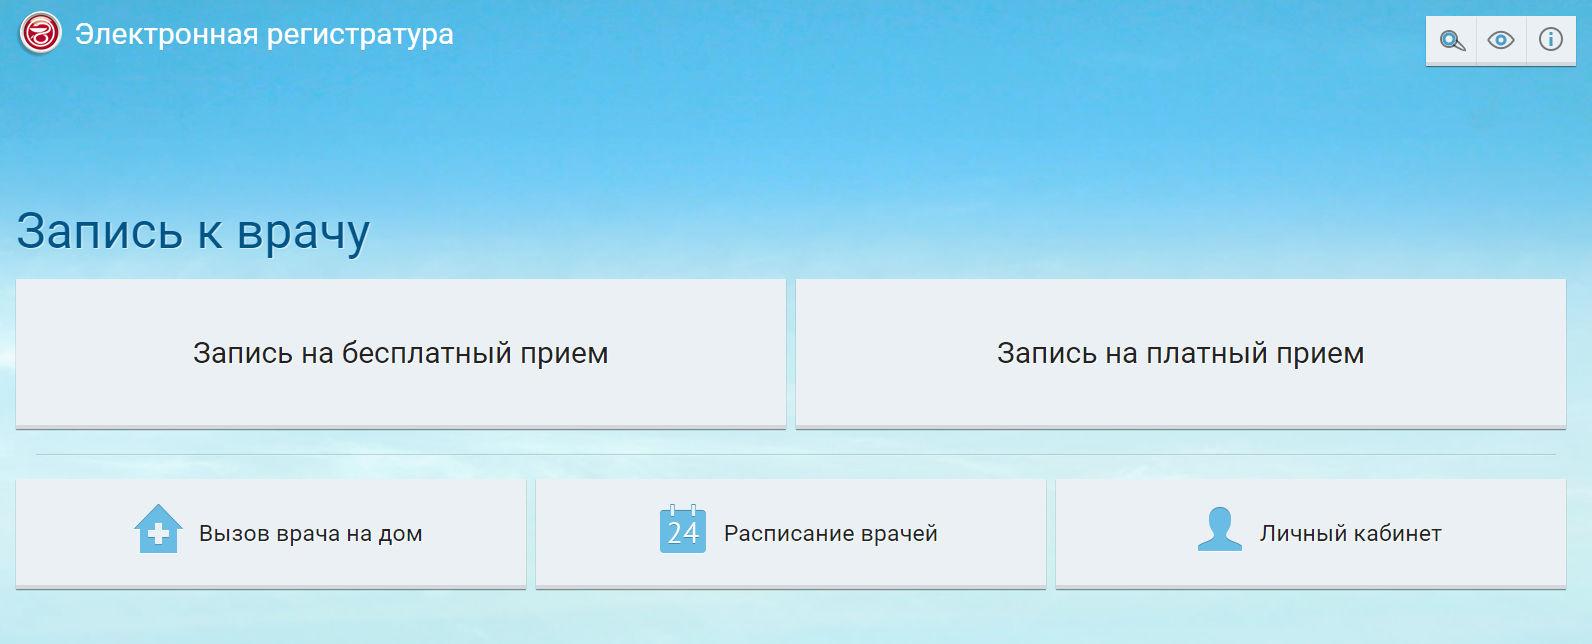 Электронная регистратура Энгельса